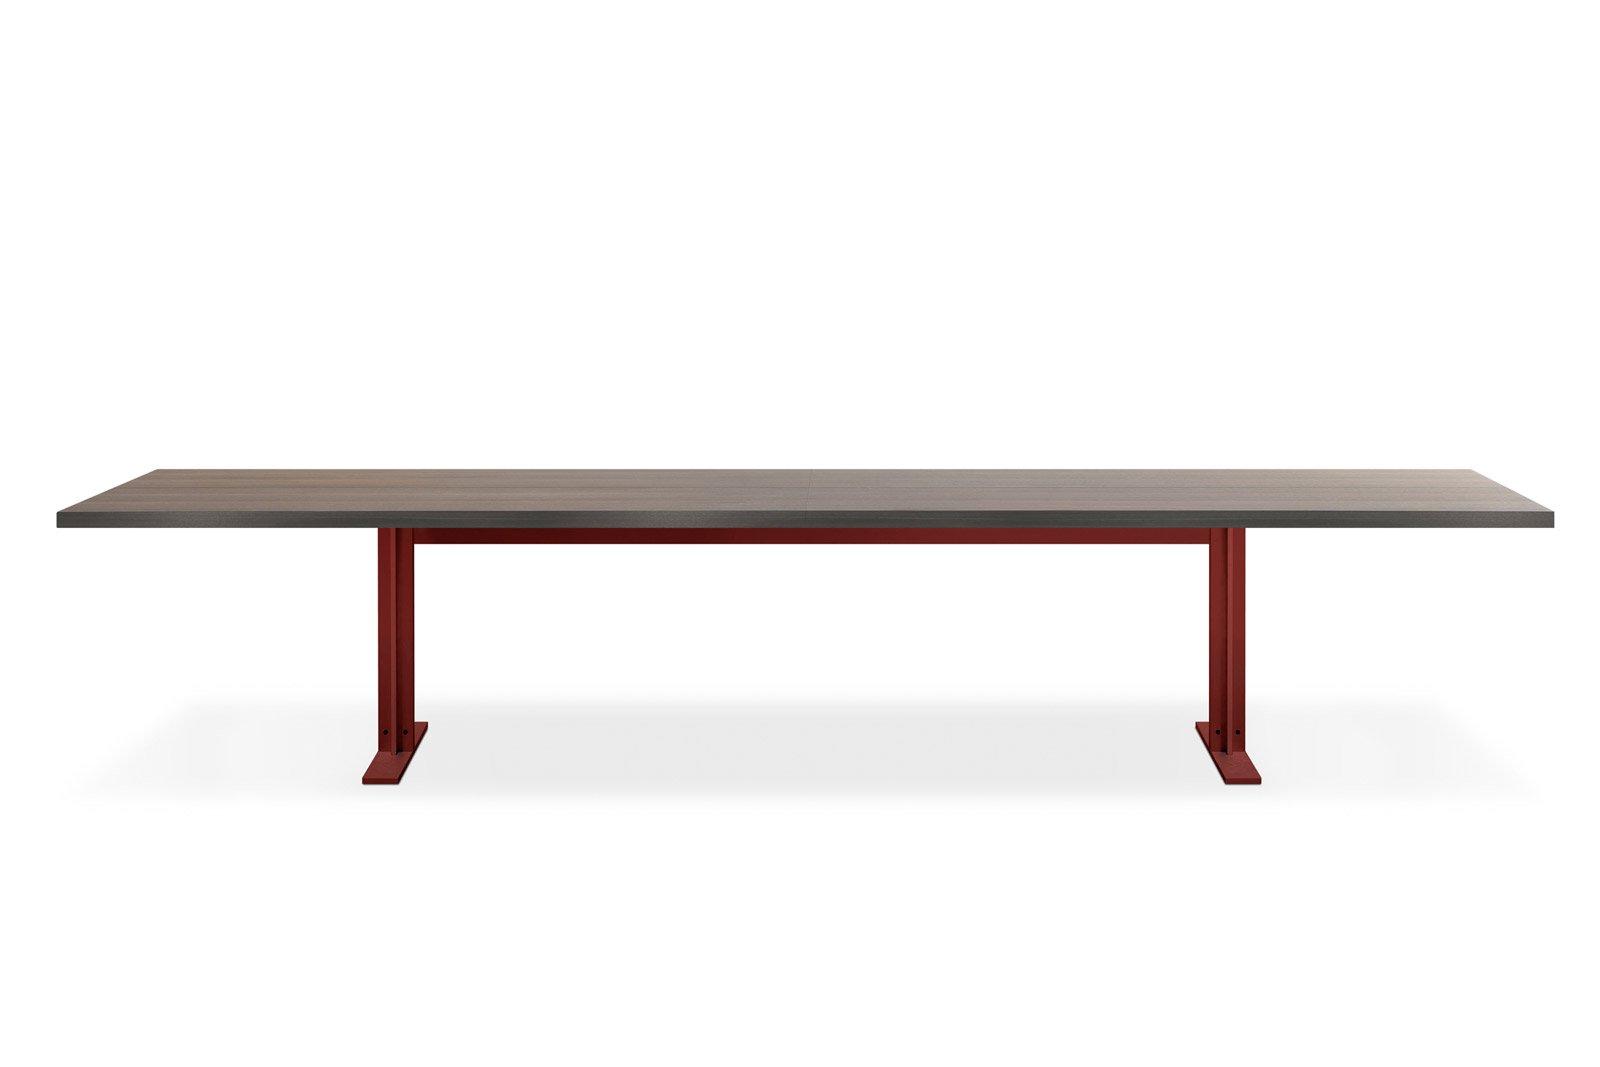 Memo di Lema è un tavolo di grandi dimensioni dal design minimalista; la struttura portante è in metallo laccato rosso, il piano è realizzato in pregiato legno di rovere termotrattato. Misura L 400 x P 110 x H 72 cm. www.lemamobili.it